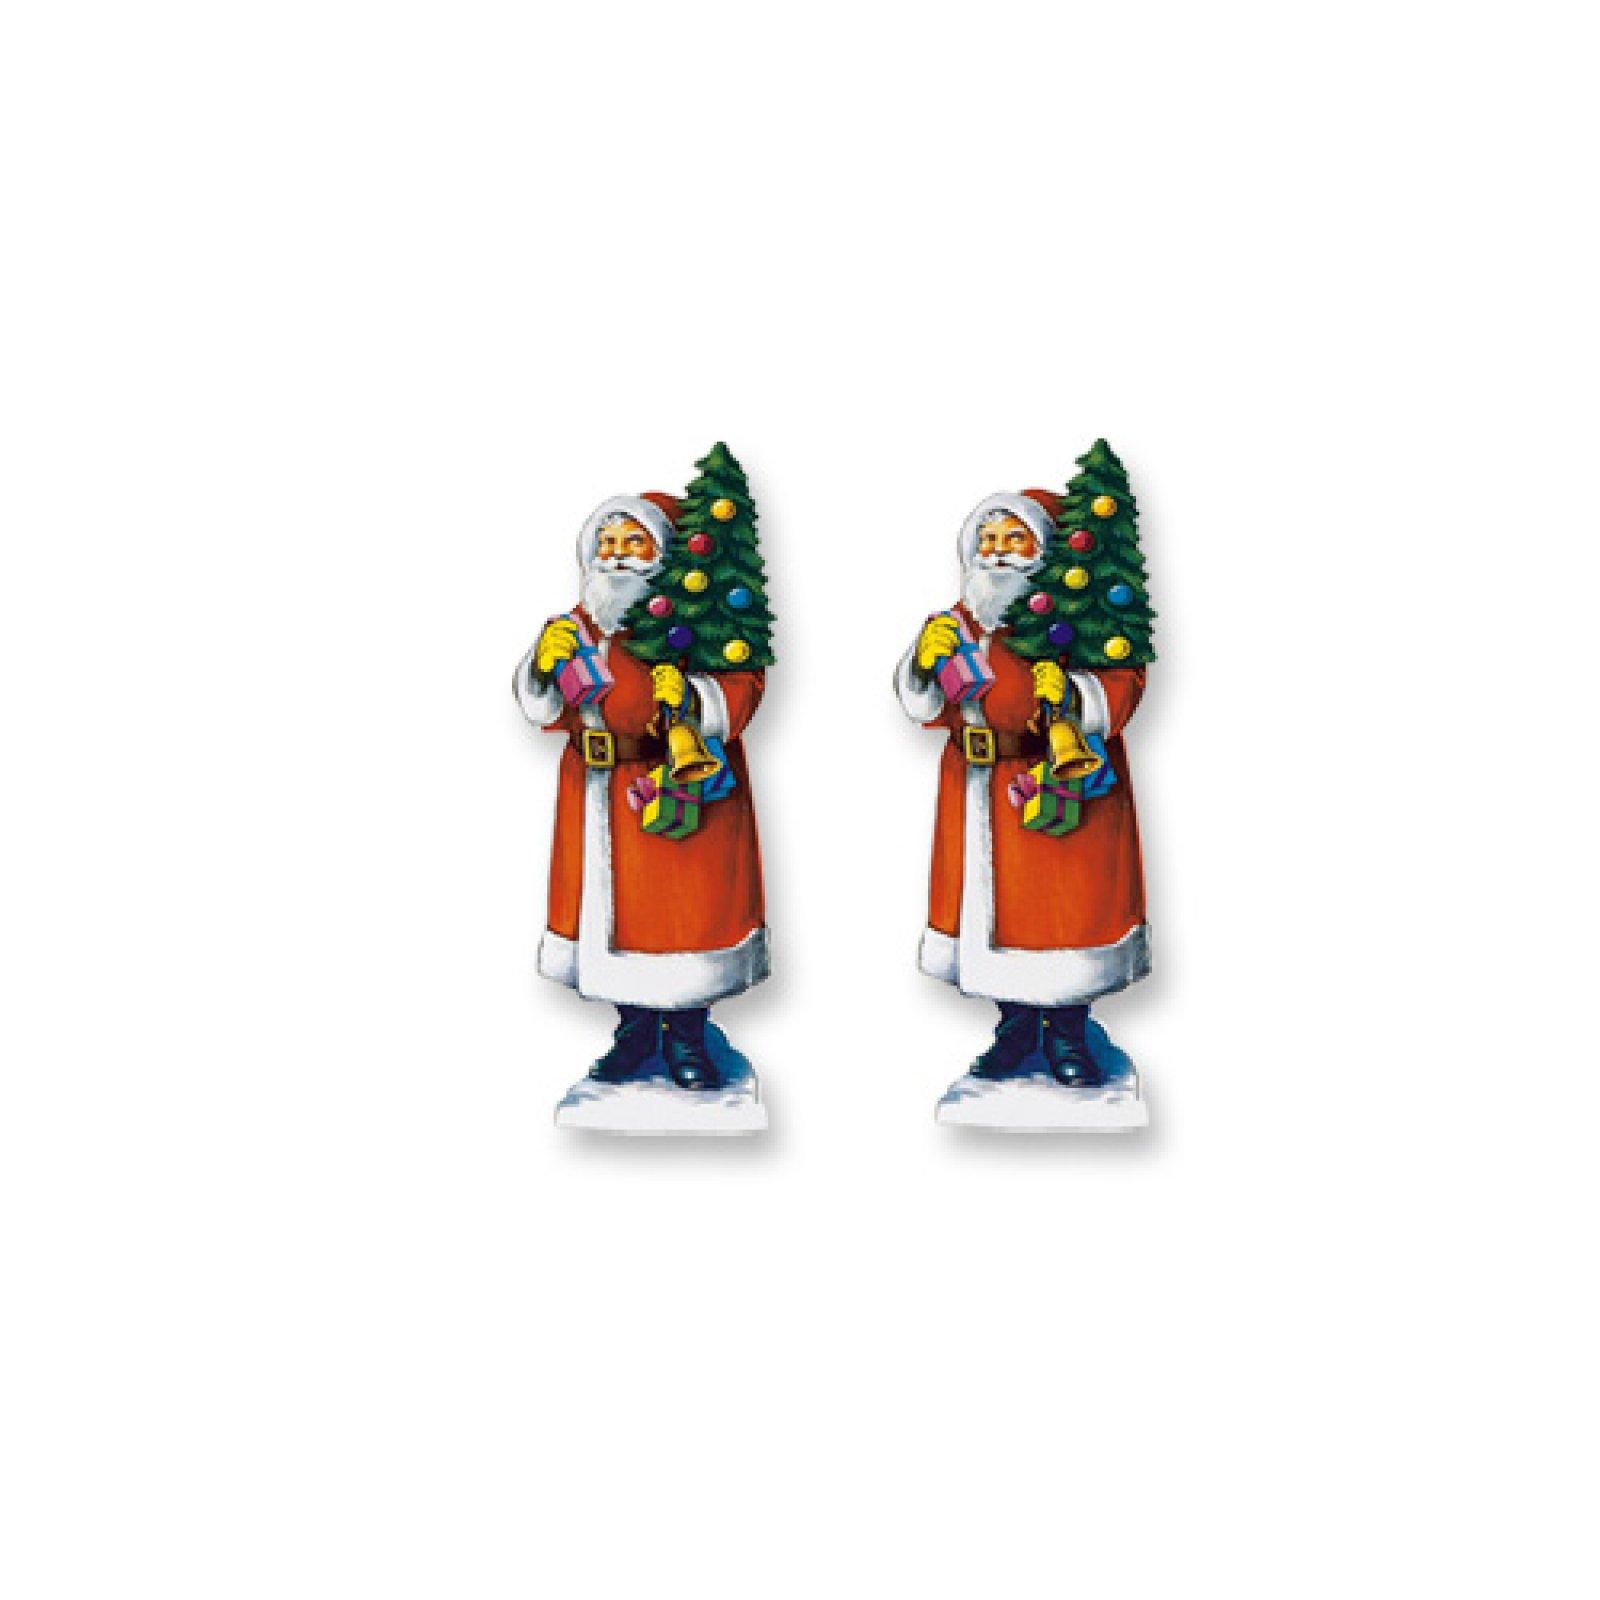 advent dekoration nikolaus weihnachtsdeko deko neu ebay dekoration nikolaus weihnachtsmann. Black Bedroom Furniture Sets. Home Design Ideas